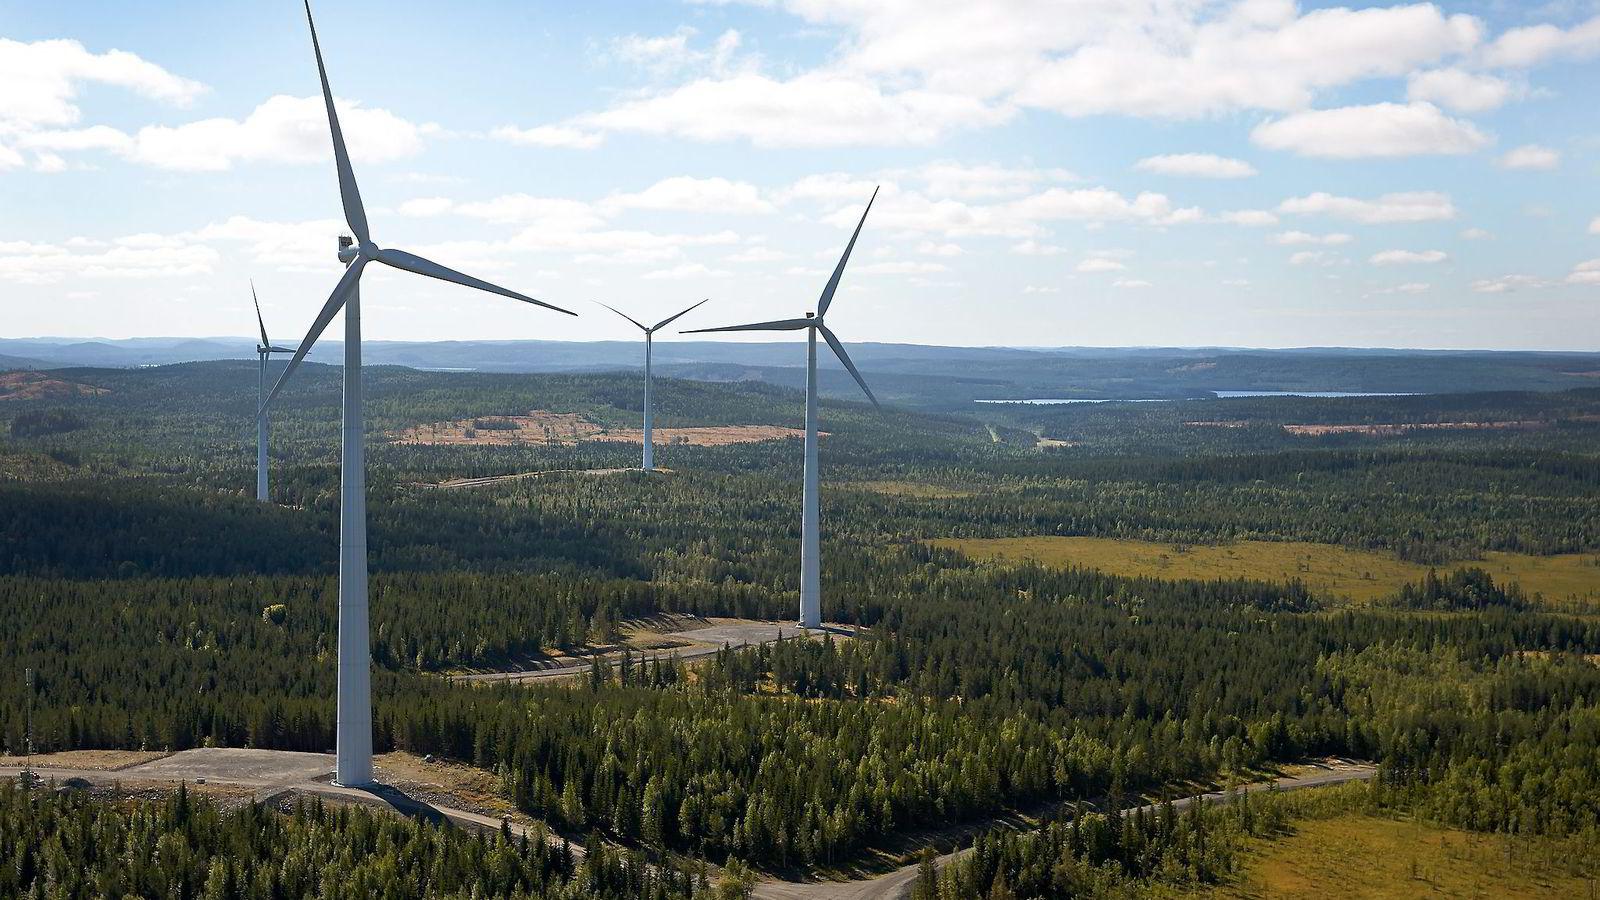 I dag bruker vi milliarder av kroner på å subsidiere utbygging av landbasert vindkraft i Sverige, samtidig som hundrevis av millioner kroner i forskningsstøtte går tapt i norske selskaper som aldri får fotfeste i produksjon. Her fra Stamåsen vindpark i Sverige, som er drevet av Statkraft.